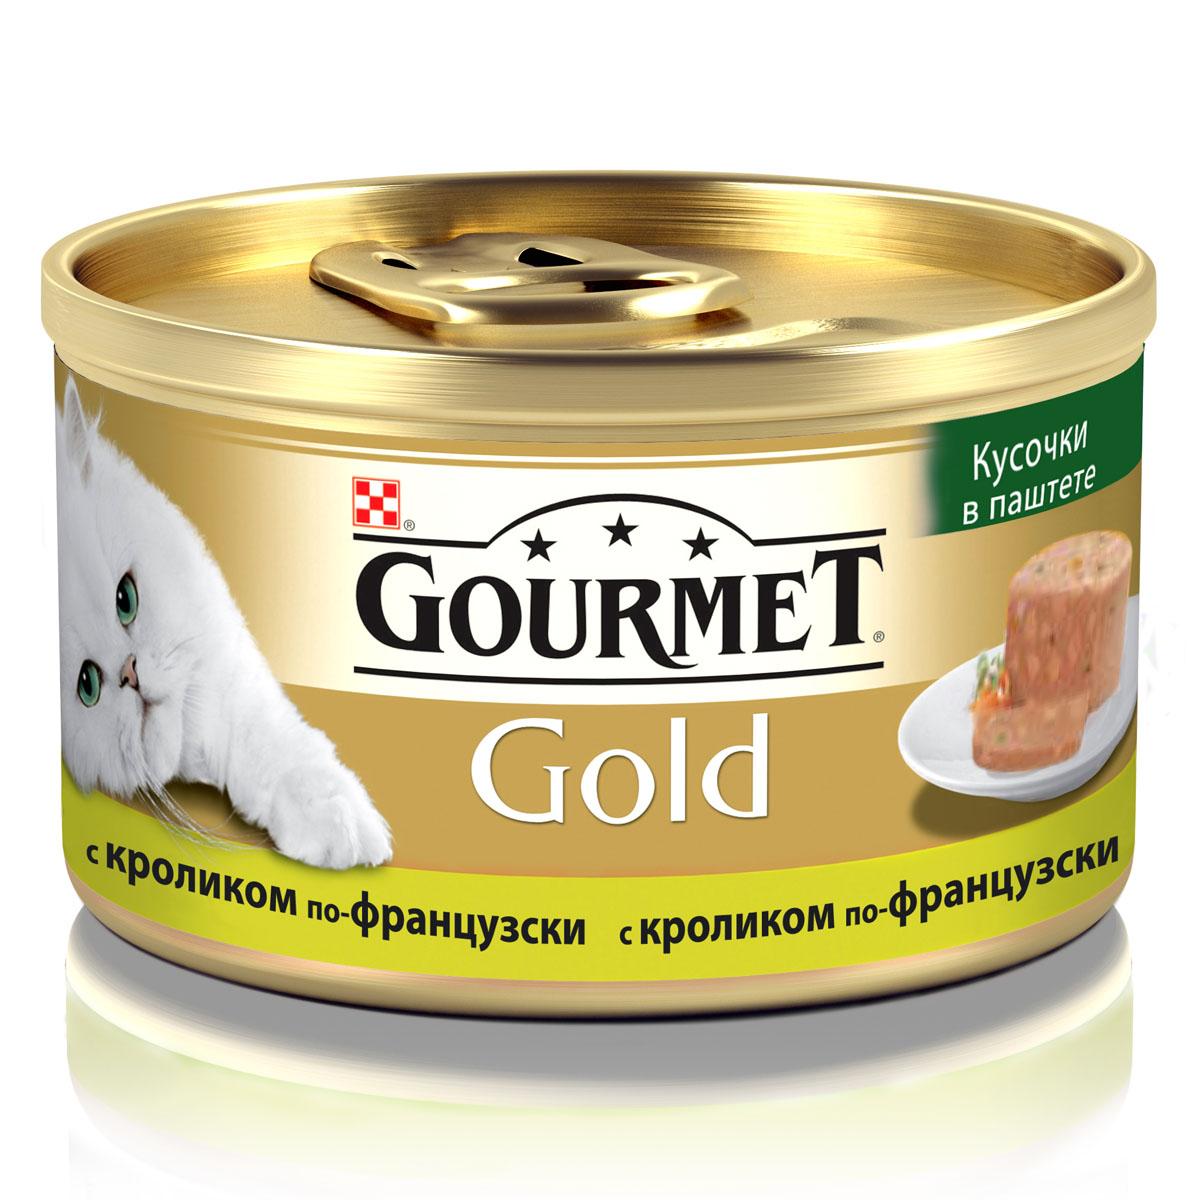 Консервы для кошек Gourmet Gold, кусочки в паштете с кроликом по-французски, 85 г5350Корм Gourmet Gold консервированный полнорационный для взрослых кошек, с кроликом по-французски. Рекомендации по кормлению: для взрослой кошки среднего веса (4 кг) требуется 3 баночки корма Gourmet Gold в день. Кормление необходимо разделить минимум на два приема. Индивидуальные потребности животного могут отличаться, поэтому норма кормления должна быть скорректирована для поддержания оптимального веса вашей кошки. Для беременных и кормящих кошек - кормление без ограничений. Подавать корм комнатной температуры.Следите, чтобы у вашей кошки всегда была чистая, свежая питьевая вода.Условия хранения: Закрытую банку хранить в сухом прохладном месте. После открытия продукт хранить максимум 24 часа. Состав: мясо и мясные субпродукты (из которых кролика 4%), минеральные вещества, сахара, продукты переработки растительного сырья, витамины, консерванты.Гарантируемые показатели: влажность 76,0%, белок 12,5 %, жир 5,5 %, сырая зола 2,5 %, сырая клетчатка 0,01 %.Добавленные вещества: МЕ/кг: витамин A: 870; витамин D3: 130. мг/кг: железо: 31; йод:0,38; медь: 3,5; марганец: 6,05; цинк: 50.Вес: 85 г.Товар сертифицирован.